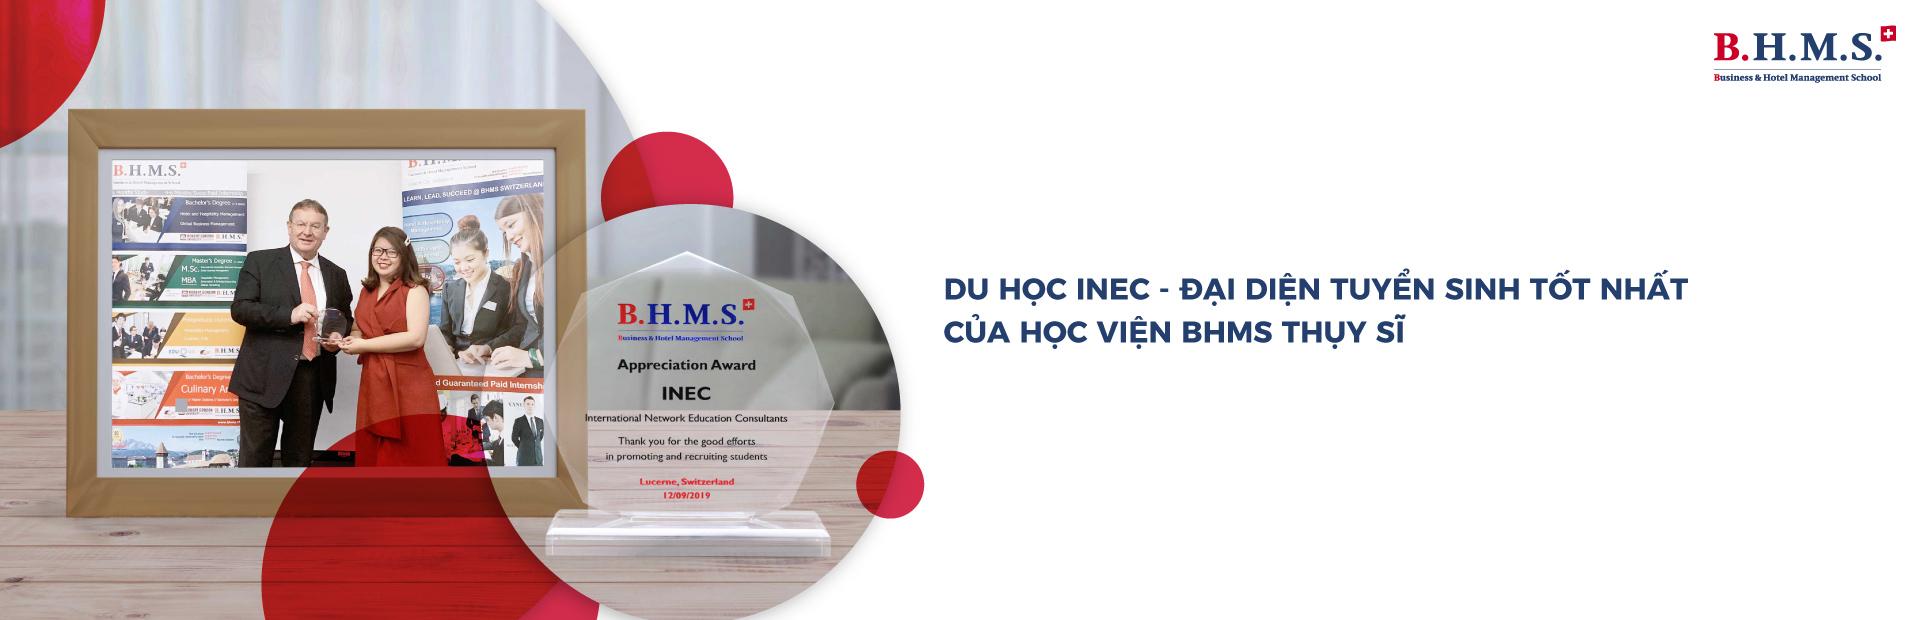 BHMS award